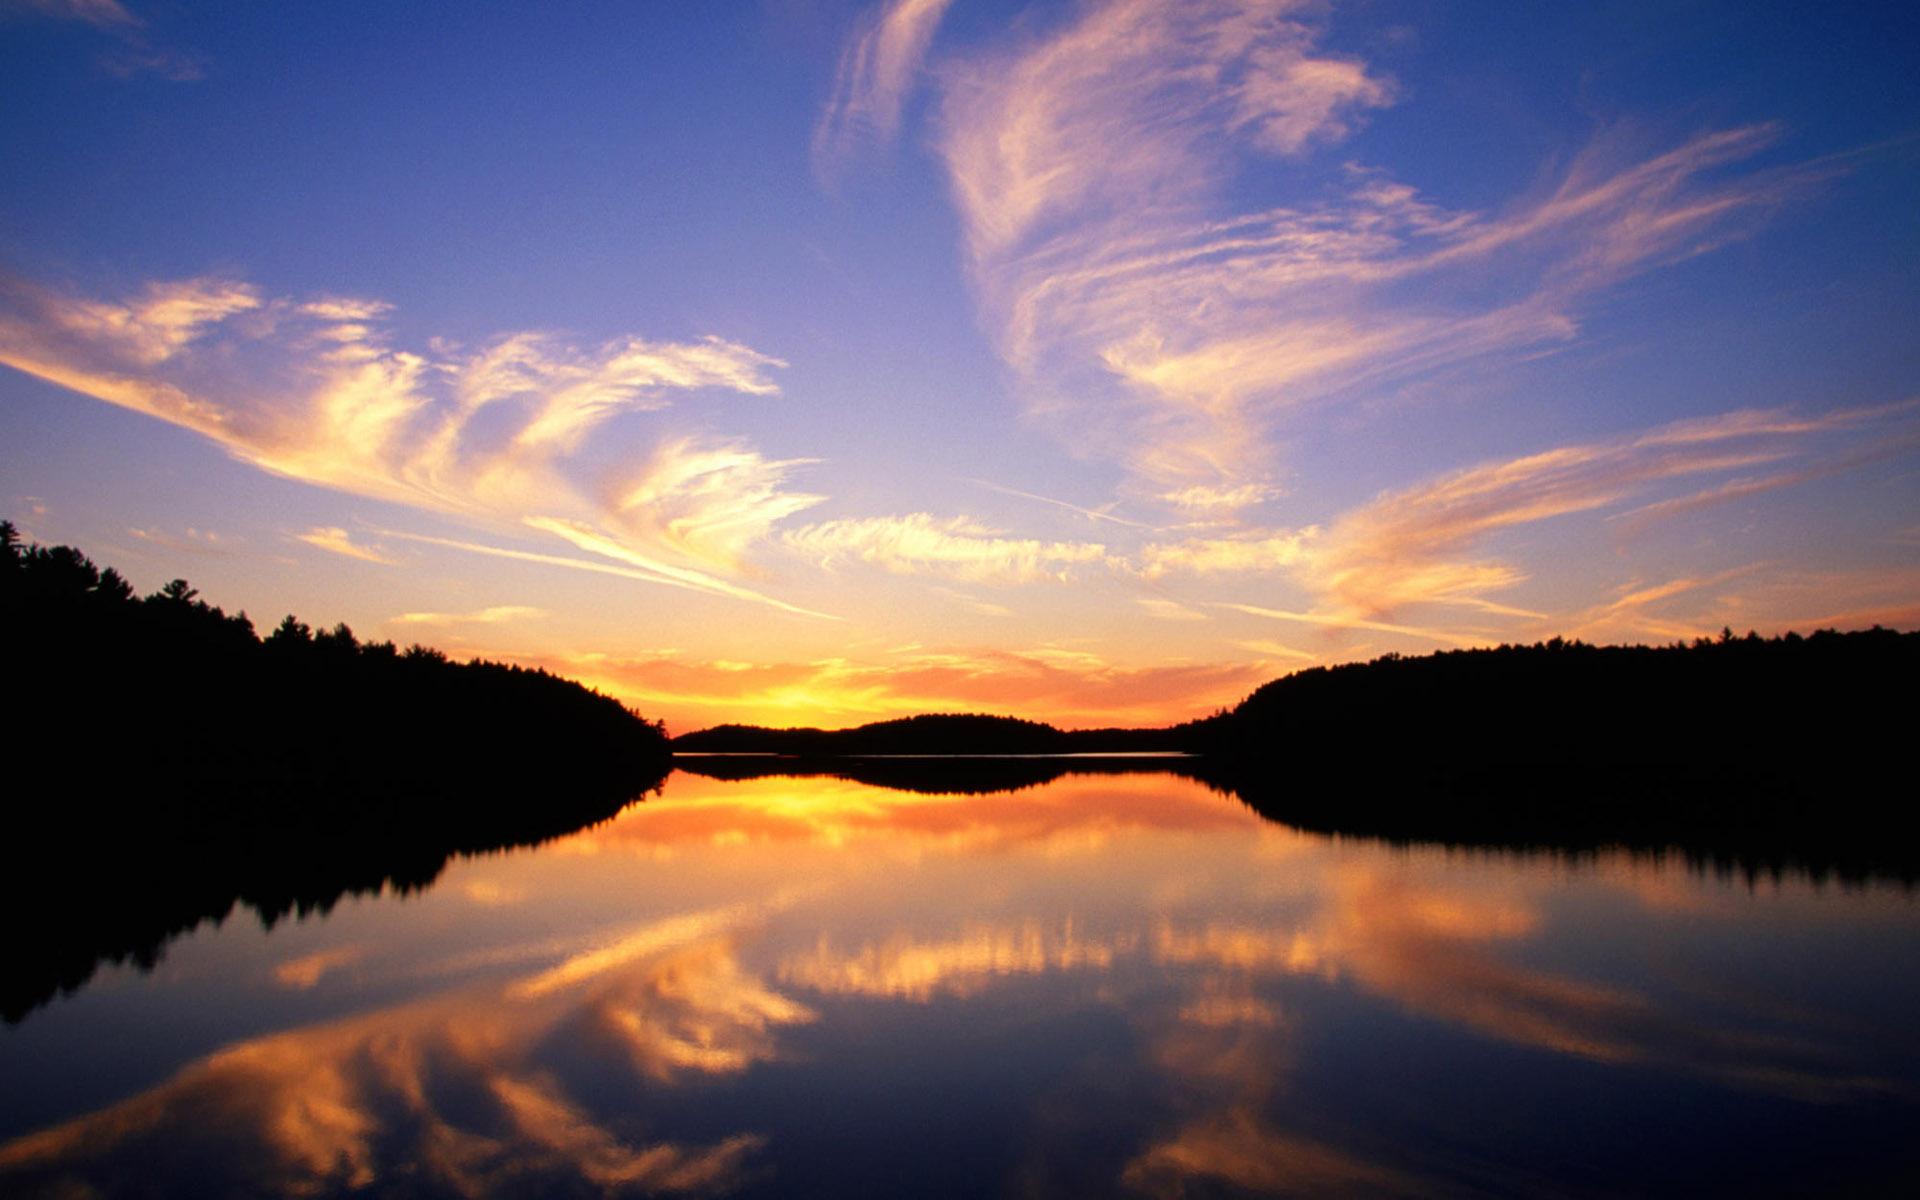 壁纸1920×1200加拿大风光风景宽屏壁纸 壁纸1壁纸 加拿大风光风景宽屏壁壁纸图片风景壁纸风景图片素材桌面壁纸